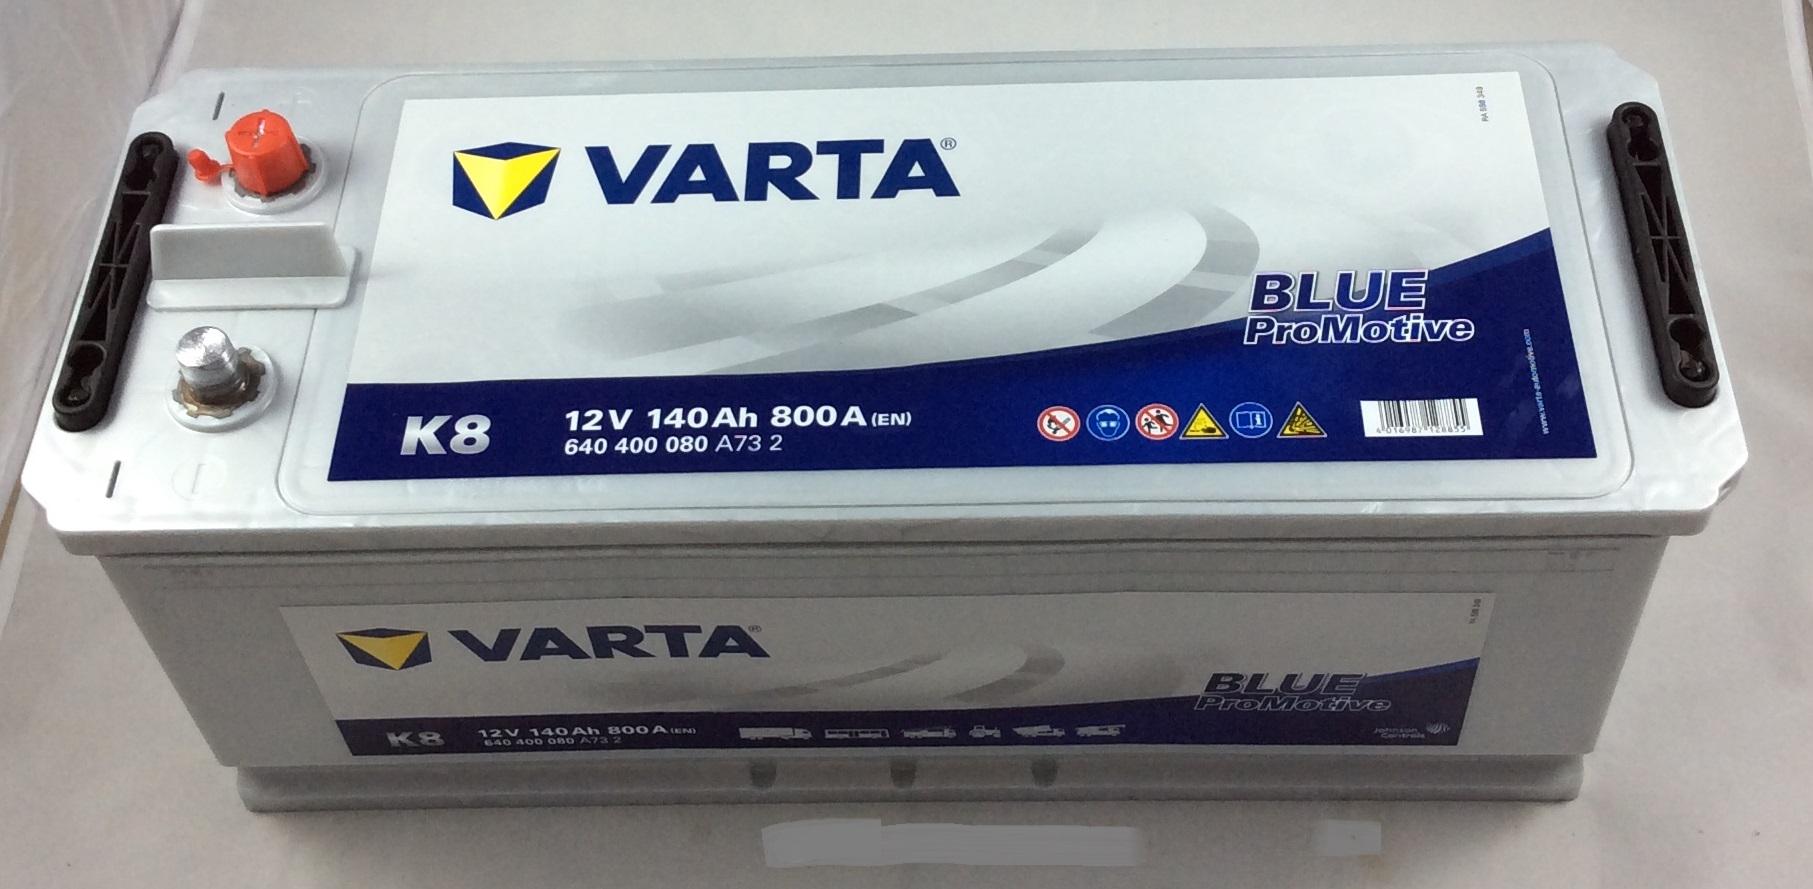 BATTERIA VARTA 12V 140AH 800A(EN) K8